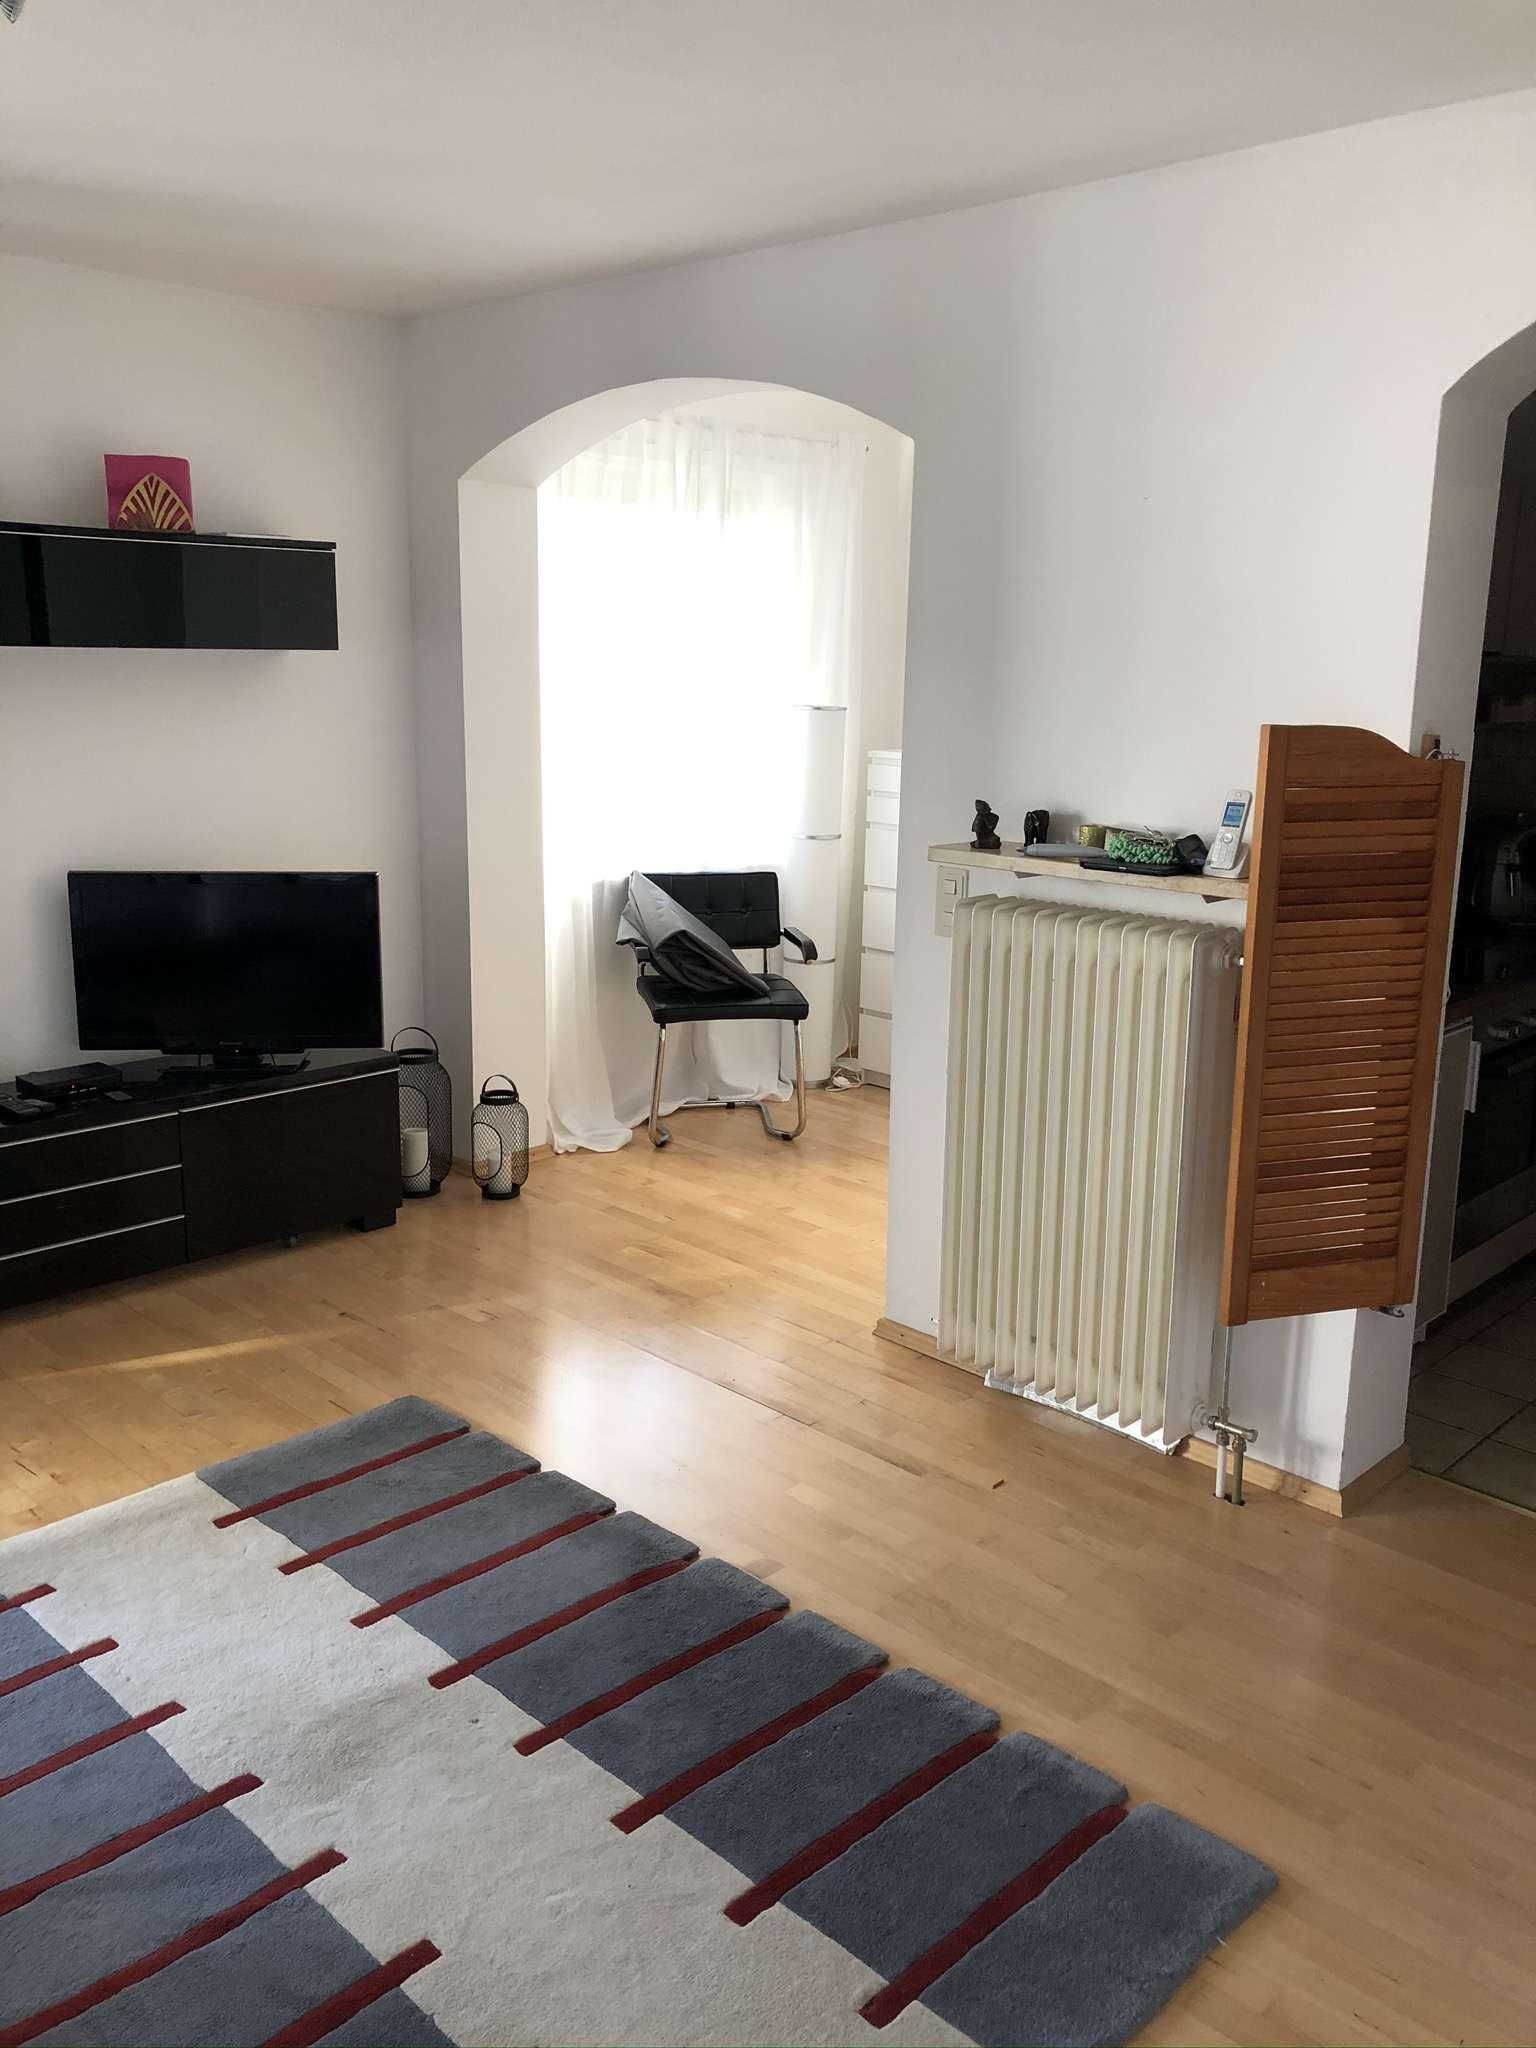 Schöne, geräumige ein Zimmer Wohnung in Gilching möbliert NUR an Wochenendheimfahrer in